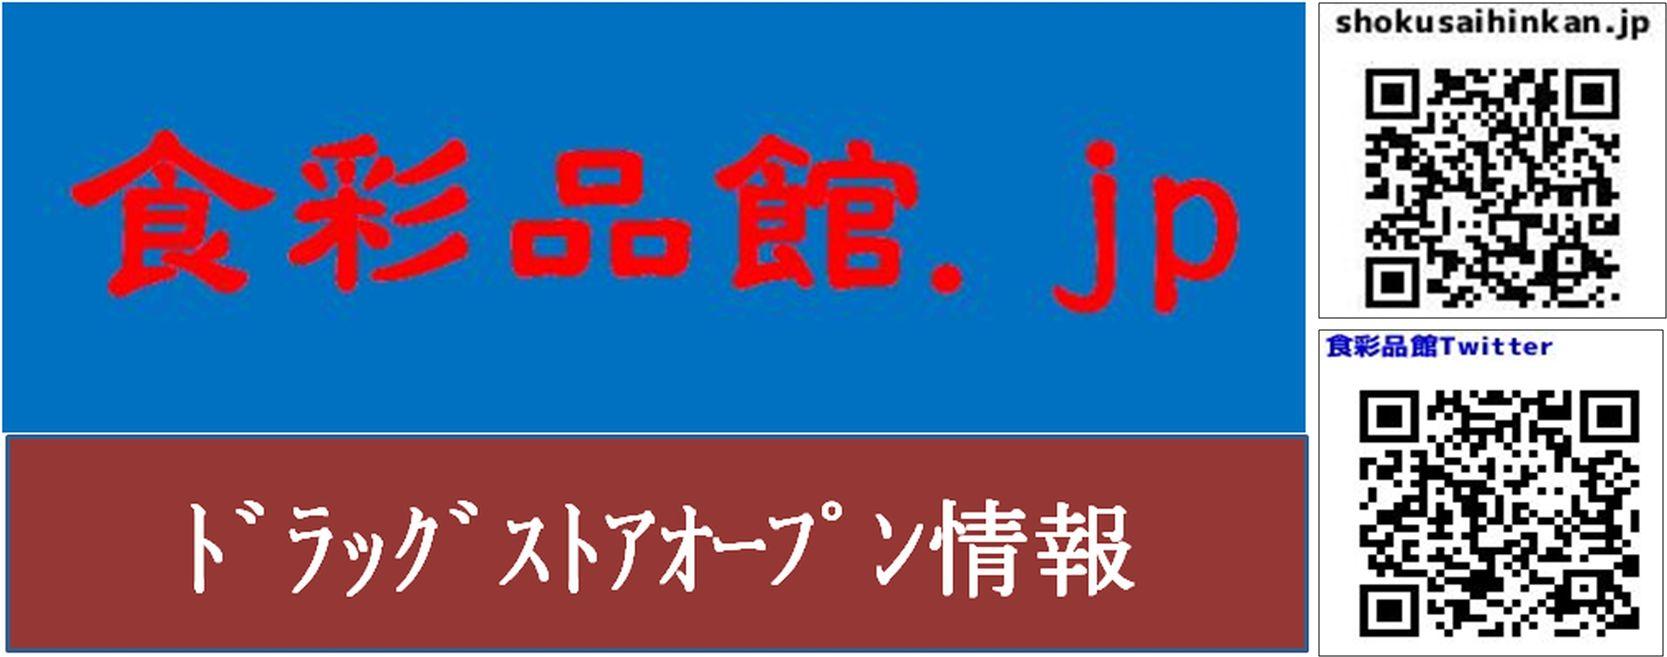 ダイレックス門司大里公園店(福岡県北九州市)2021年9月30日オープン予定で大店立地届出